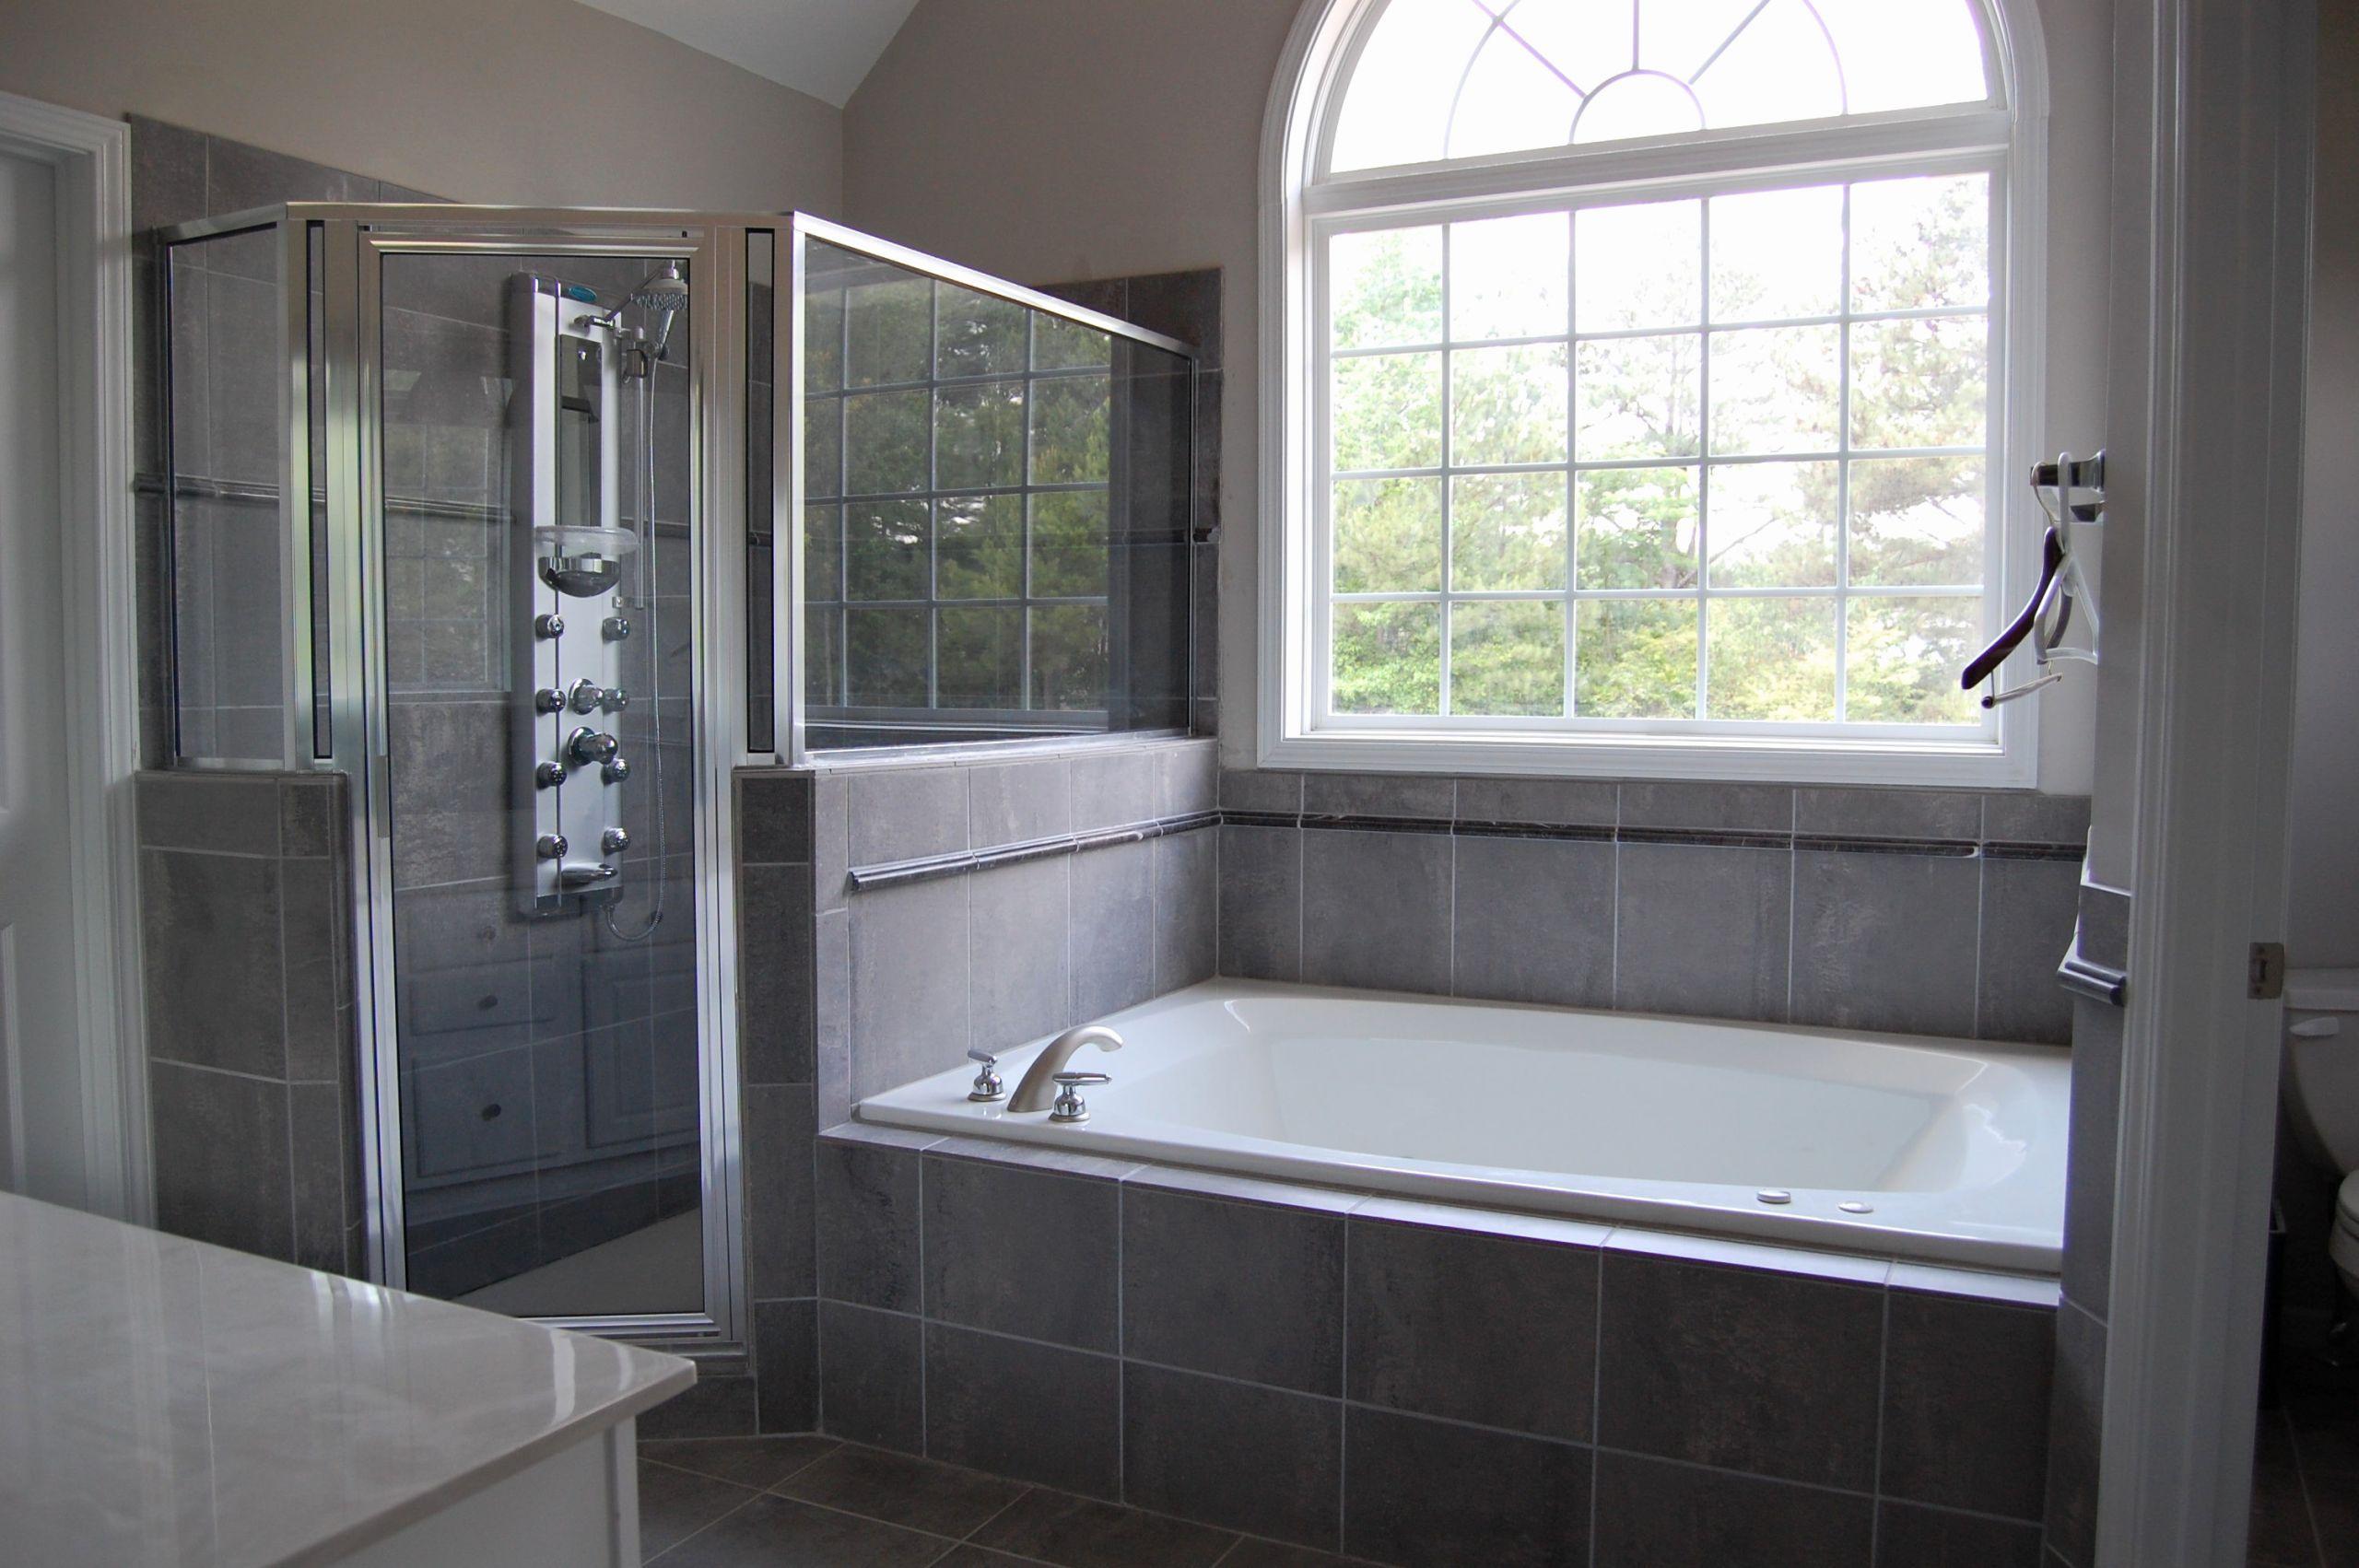 24 Home Depot Bath Design Center In 2020 Home Depot Bathroom Home Depot Bathroom Vanity Bath Remodel